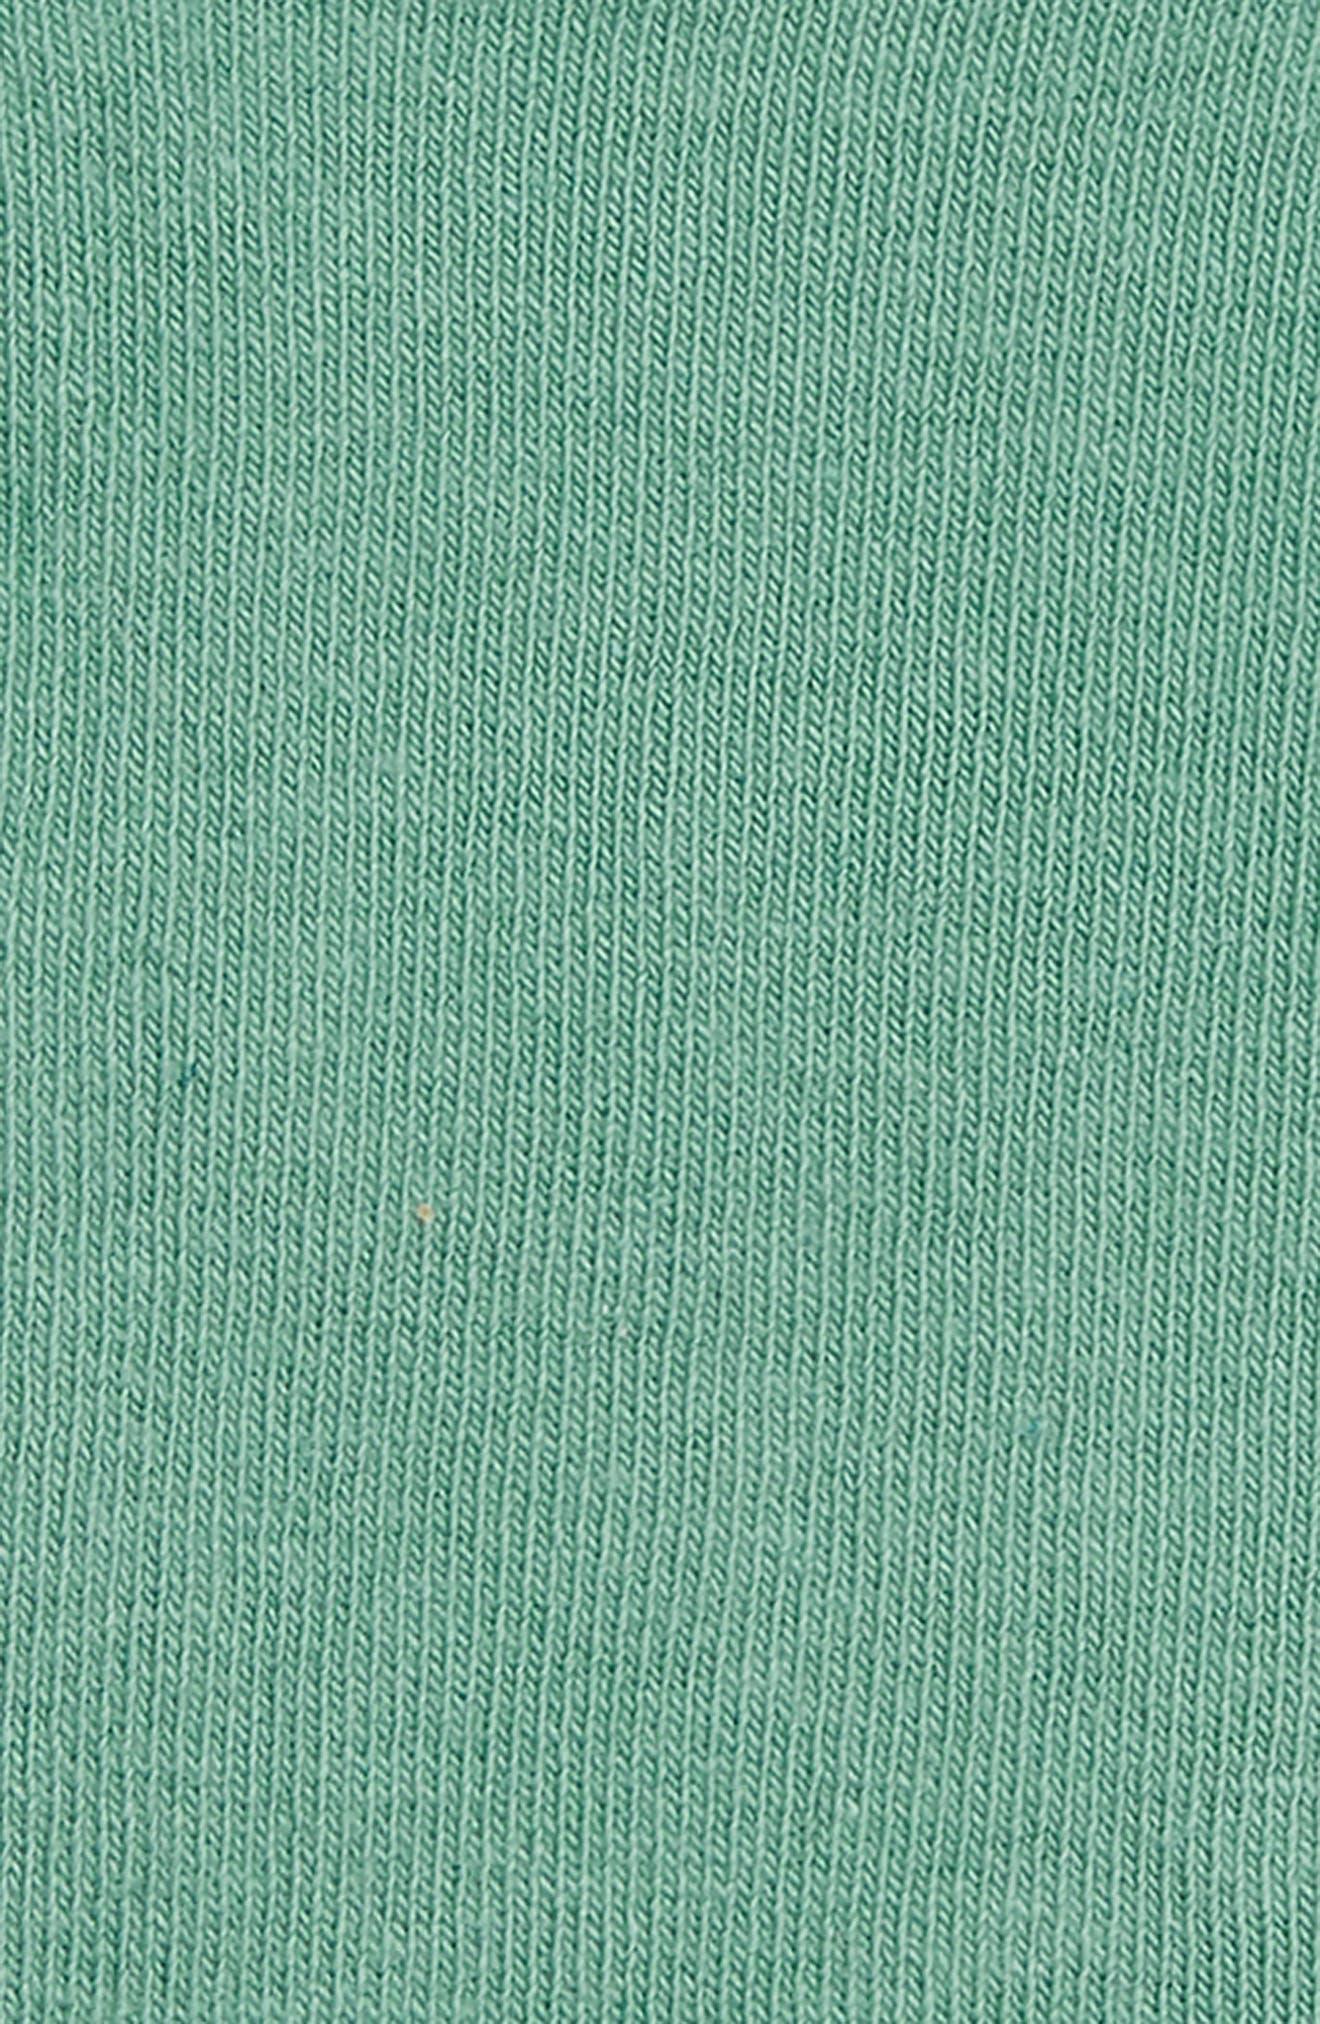 Rib Knit Tights,                             Alternate thumbnail 2, color,                             JADE GREEN